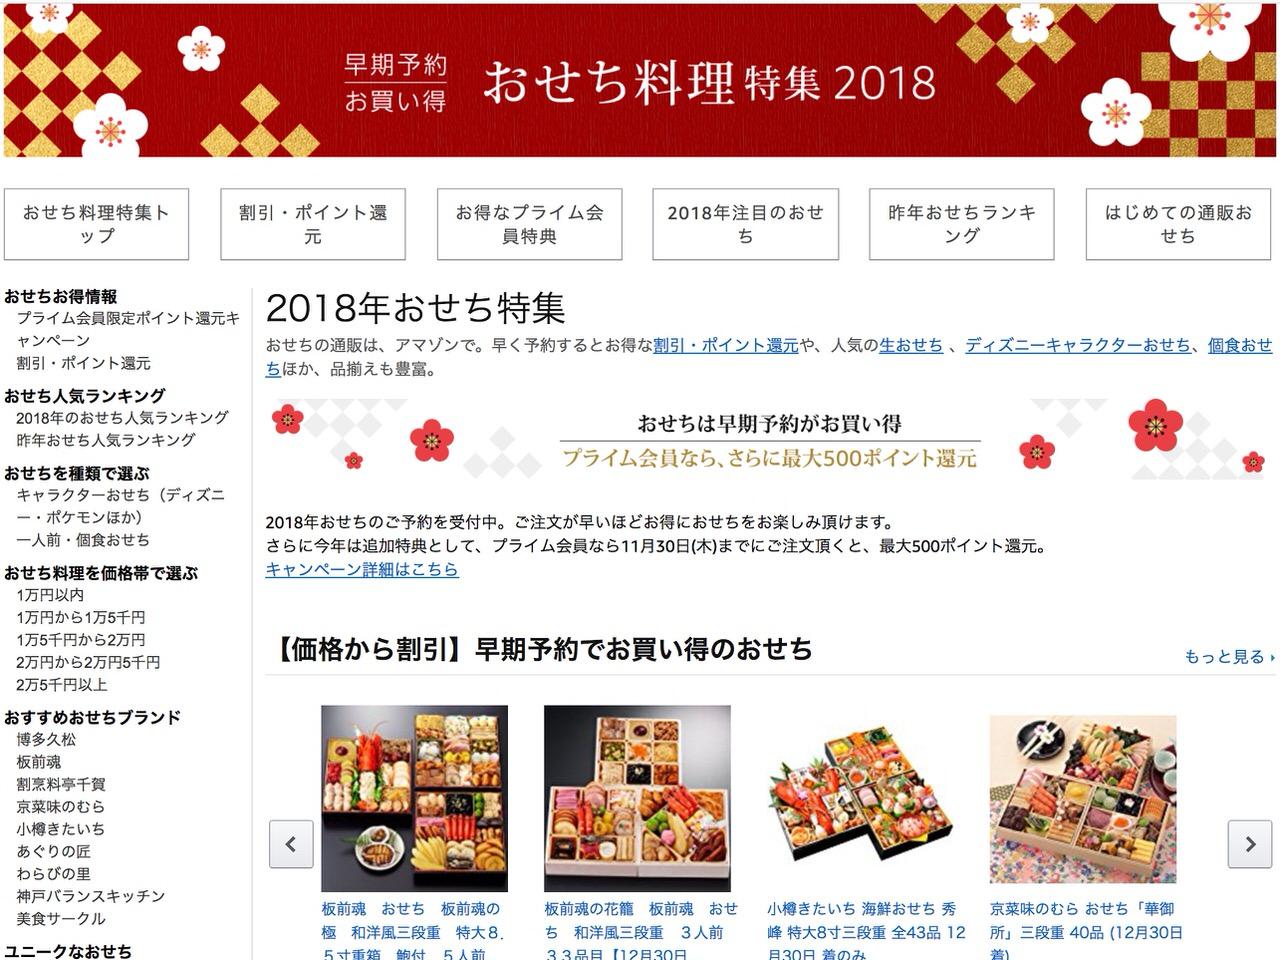 Amazon「おせち料理特集2018」プライム会員は早期予約でポイント還元あり